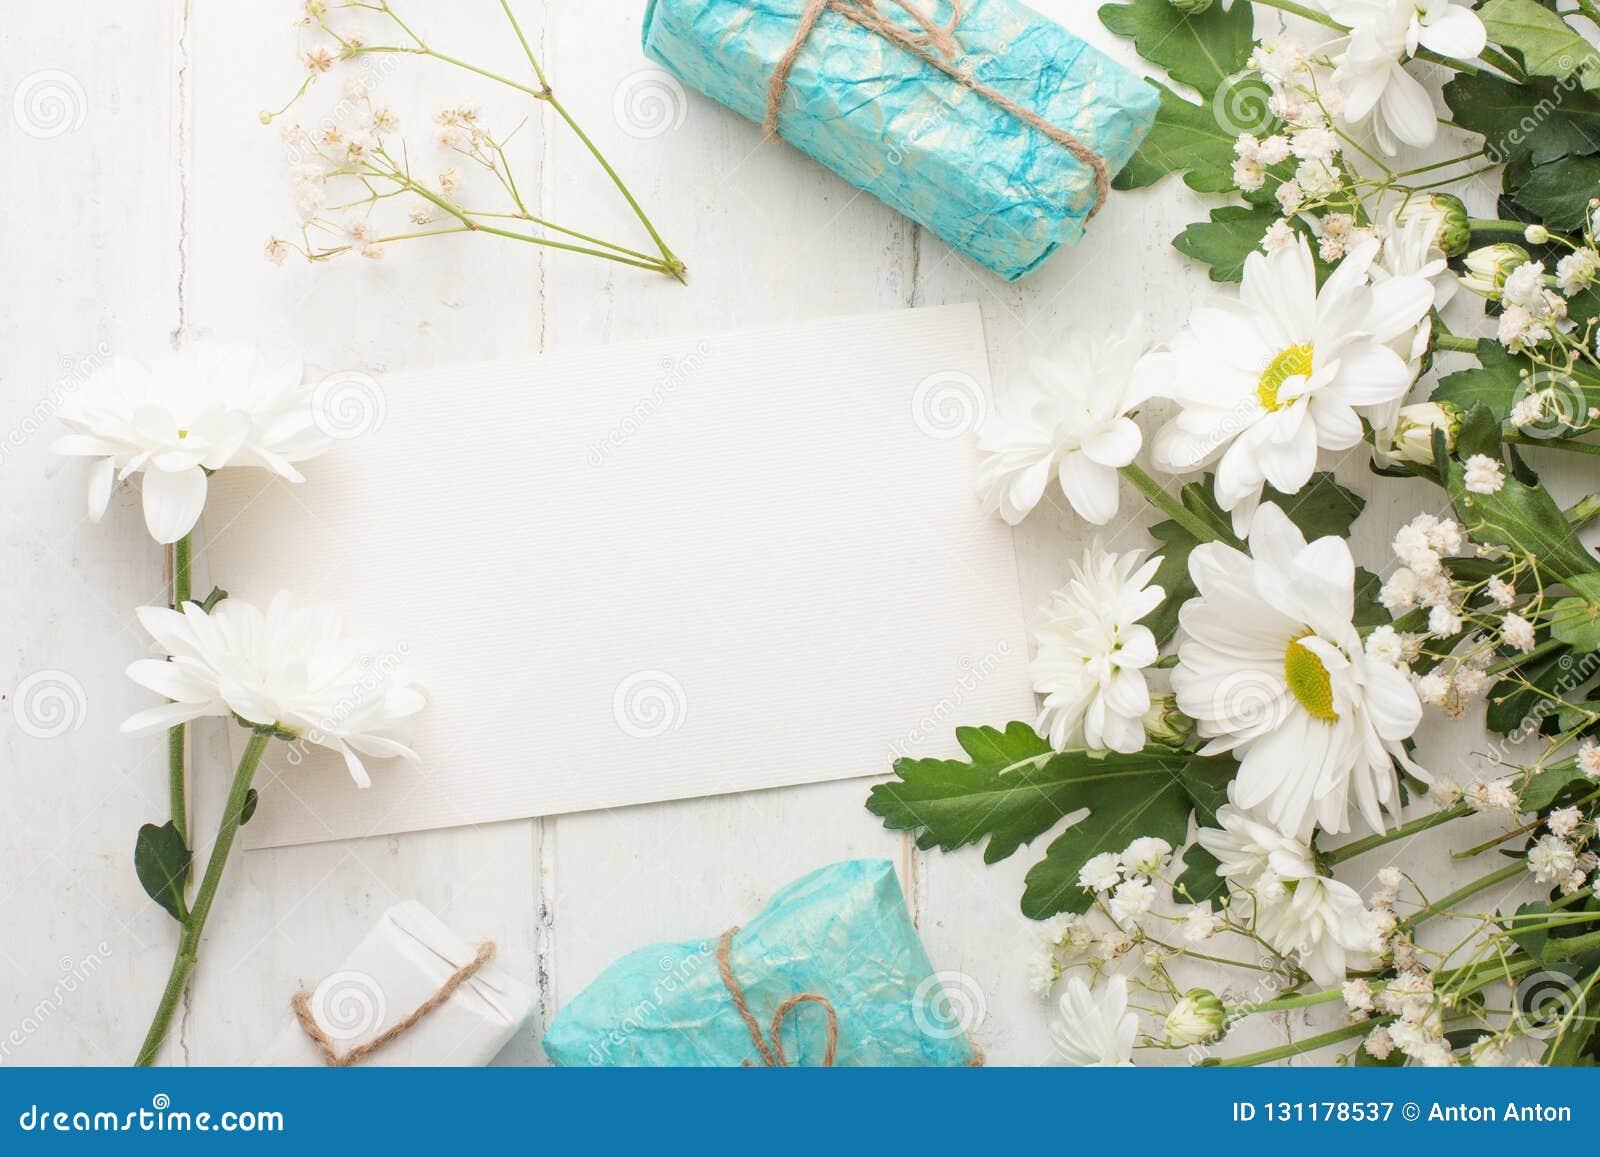 Άσπρα χρυσάνθεμα με τα δώρα σε ένα άσπρο ξύλινο υπόβαθρο, με το κενό διάστημα για το γράψιμο ή τη διαφήμιση